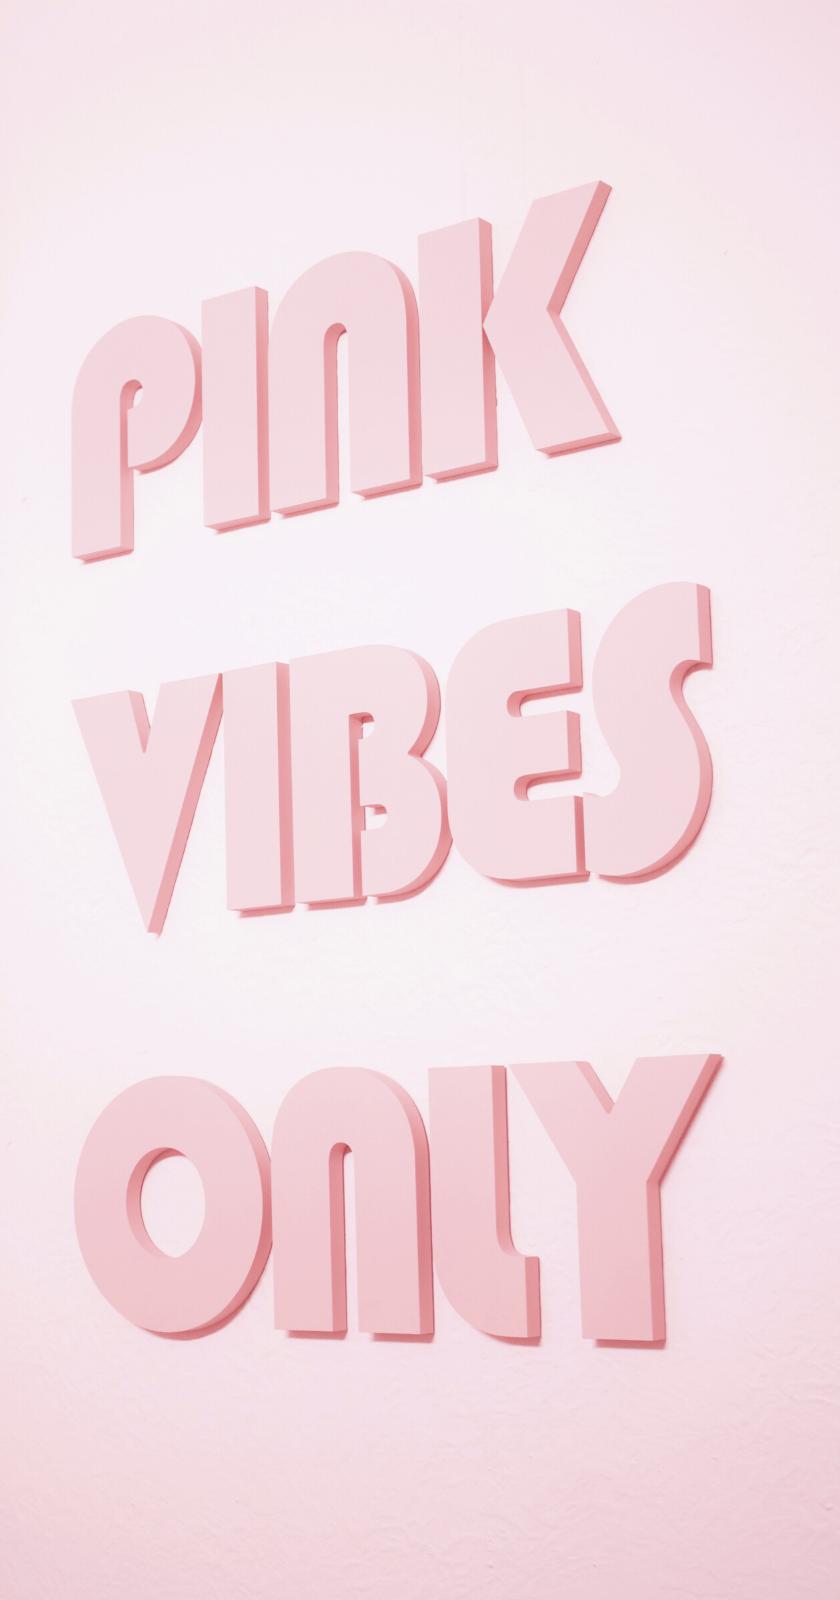 Rosa Ästhetik Wallpaper für iPhone, fühlen sich die rosa